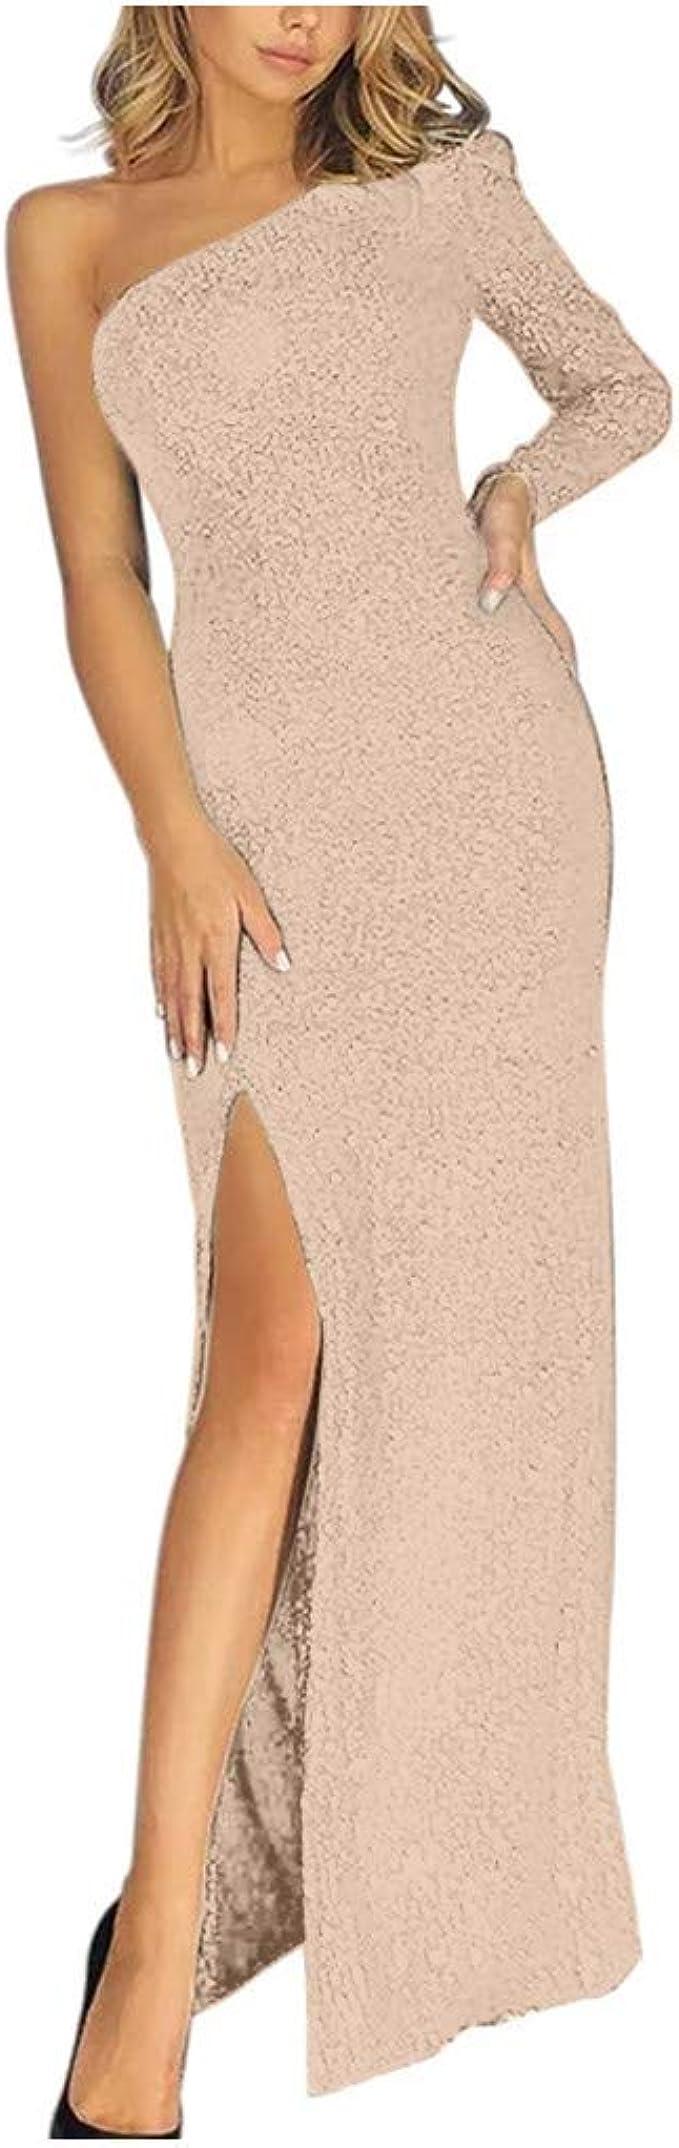 LOPILY Abendkleid Damen Glitzerkleid Eng mit Gehschlitz Elegante